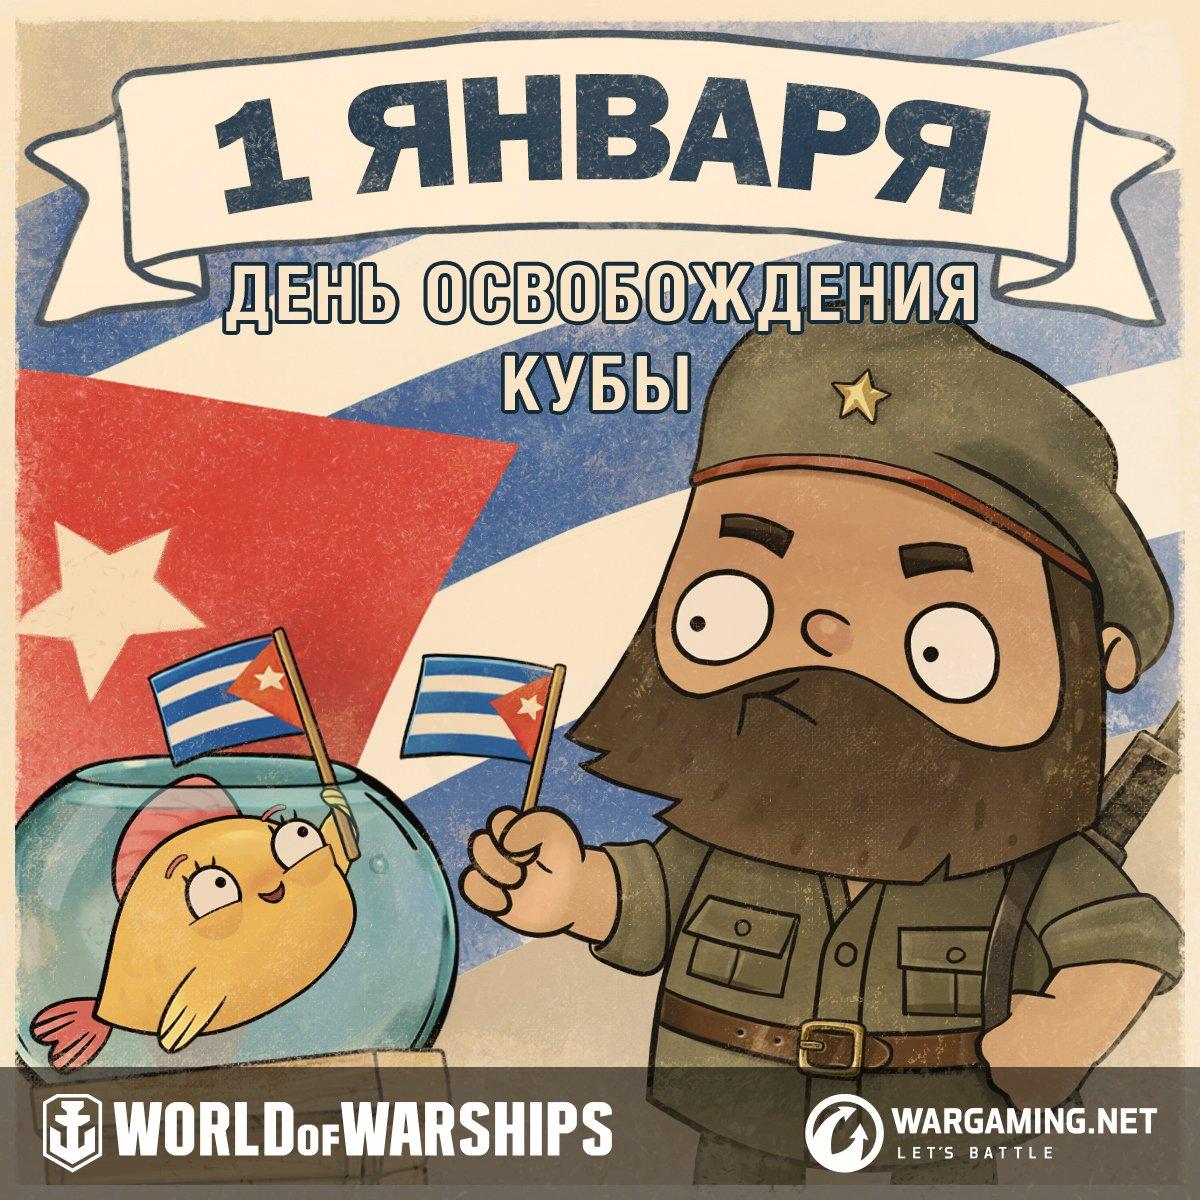 Субботнего вечера, день освобождения кубы открытки